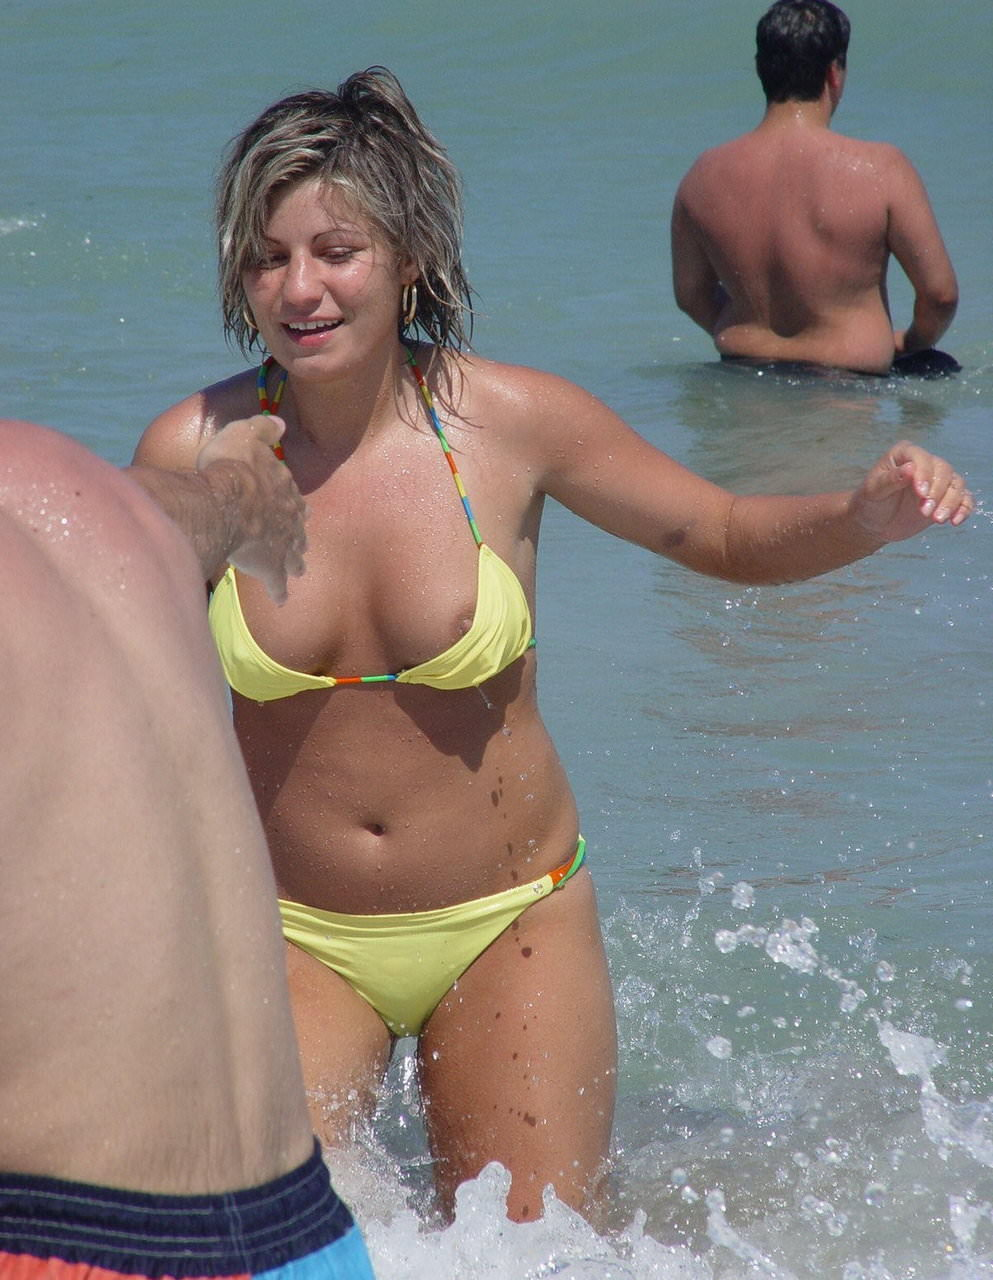 ヌーディストビーチではとりあえず乳首出しとけ的な振る舞いをする海外の巨乳女wwwww 2519